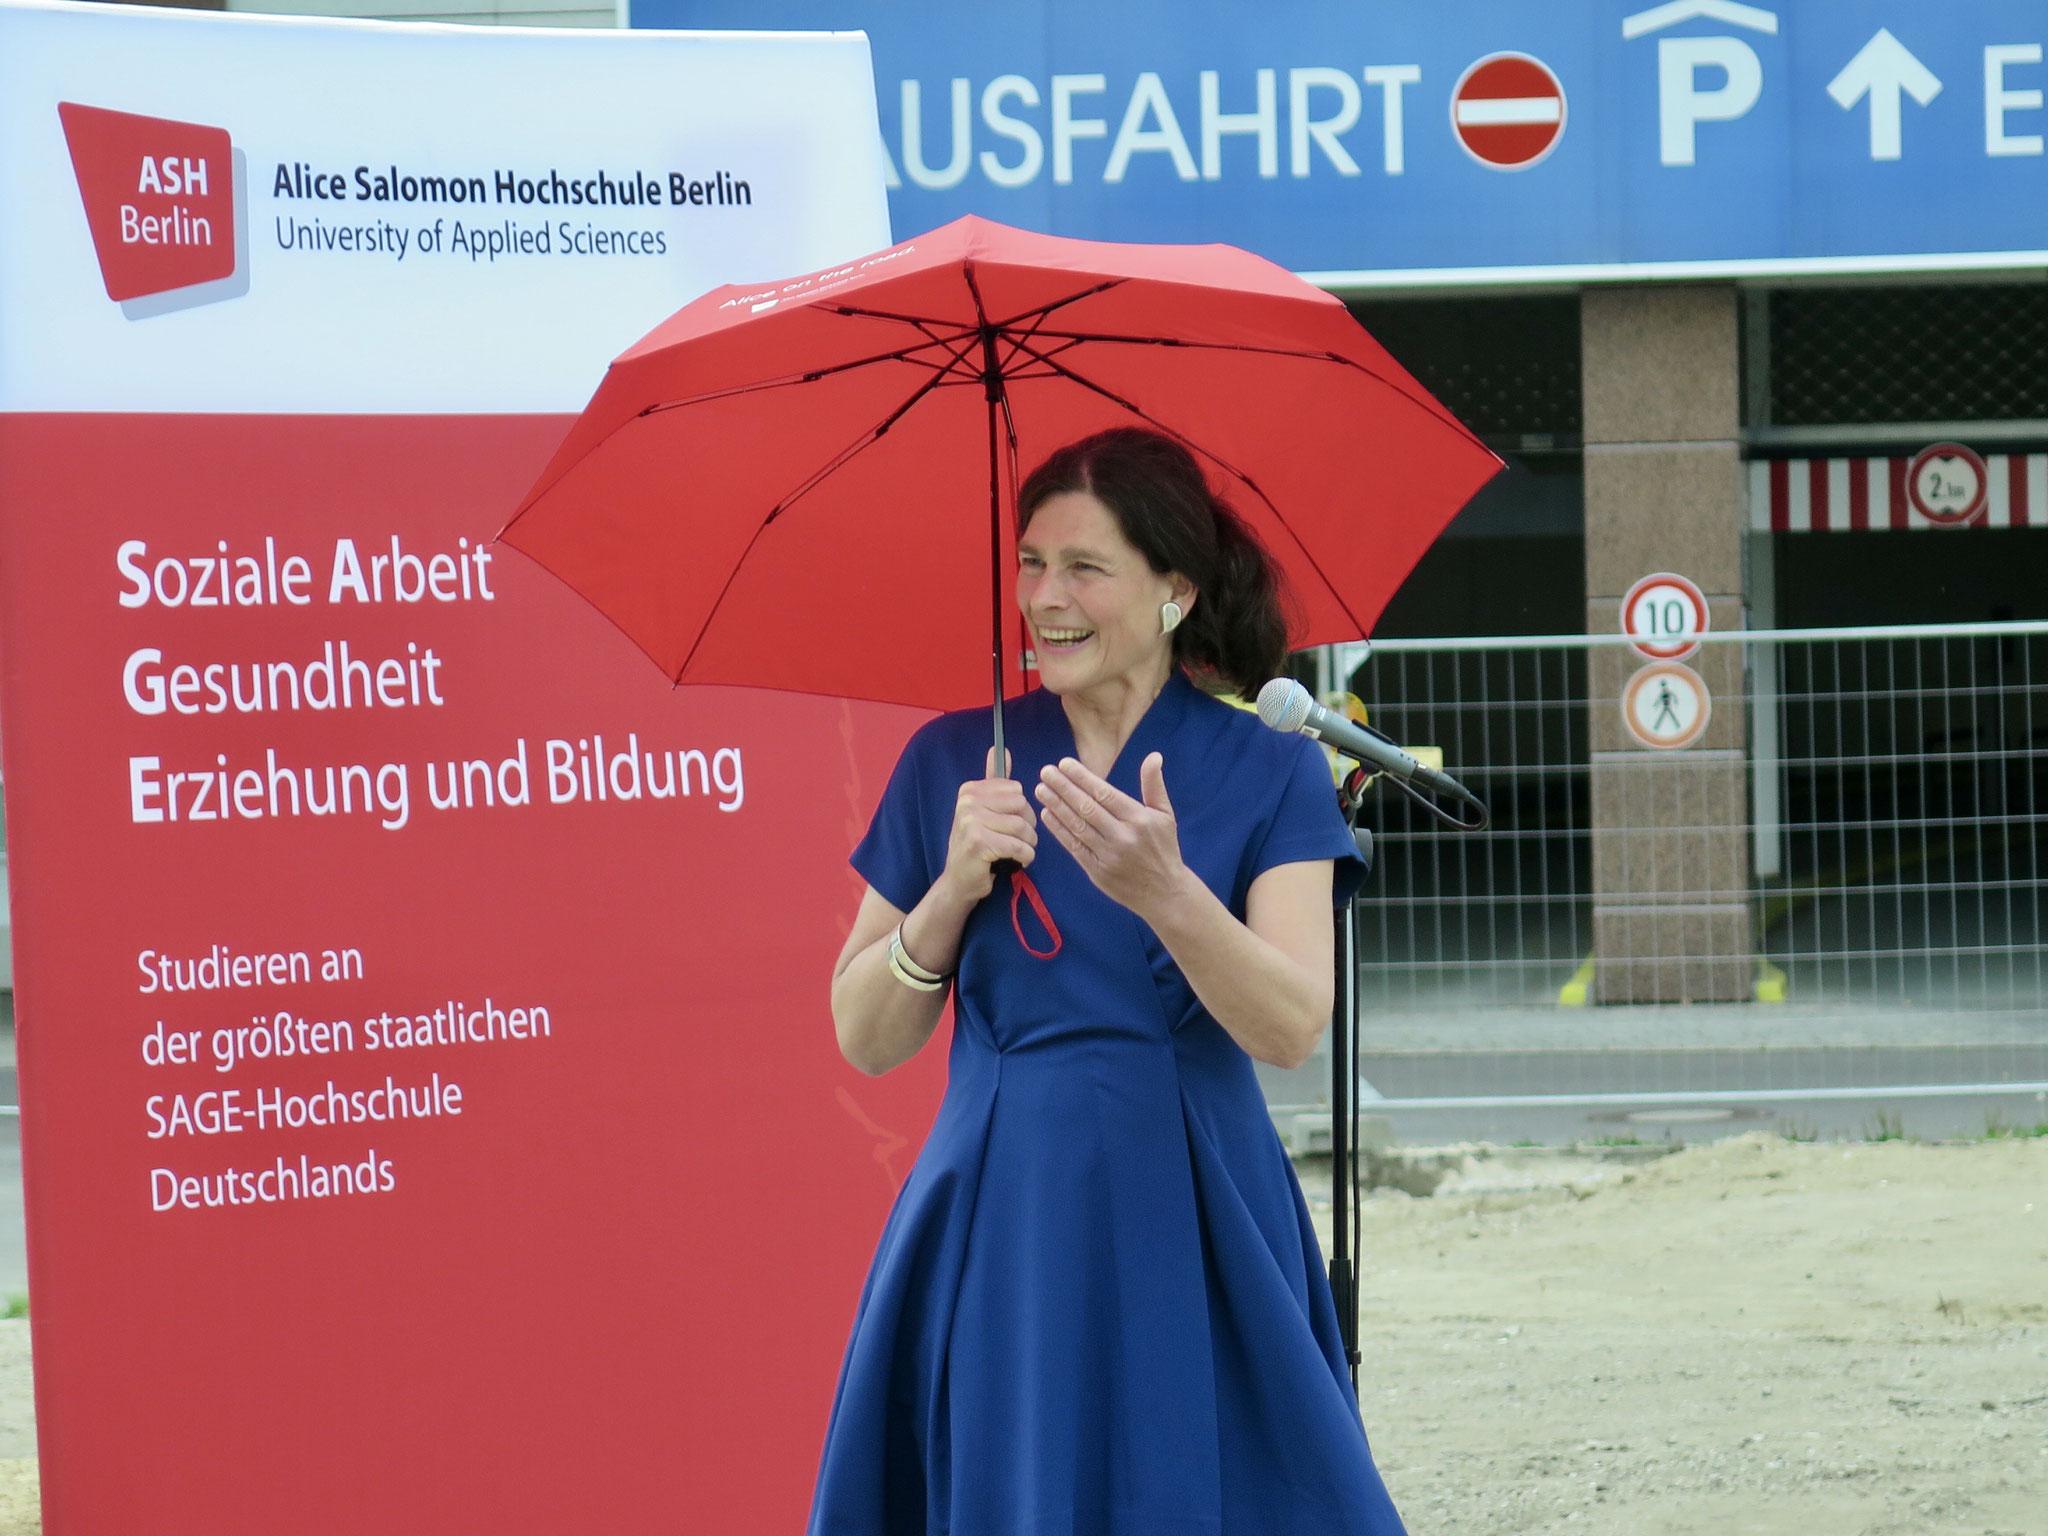 Die Frau mit dem roten Schirm: Rektorin Prof. Dr. Bettina Völter